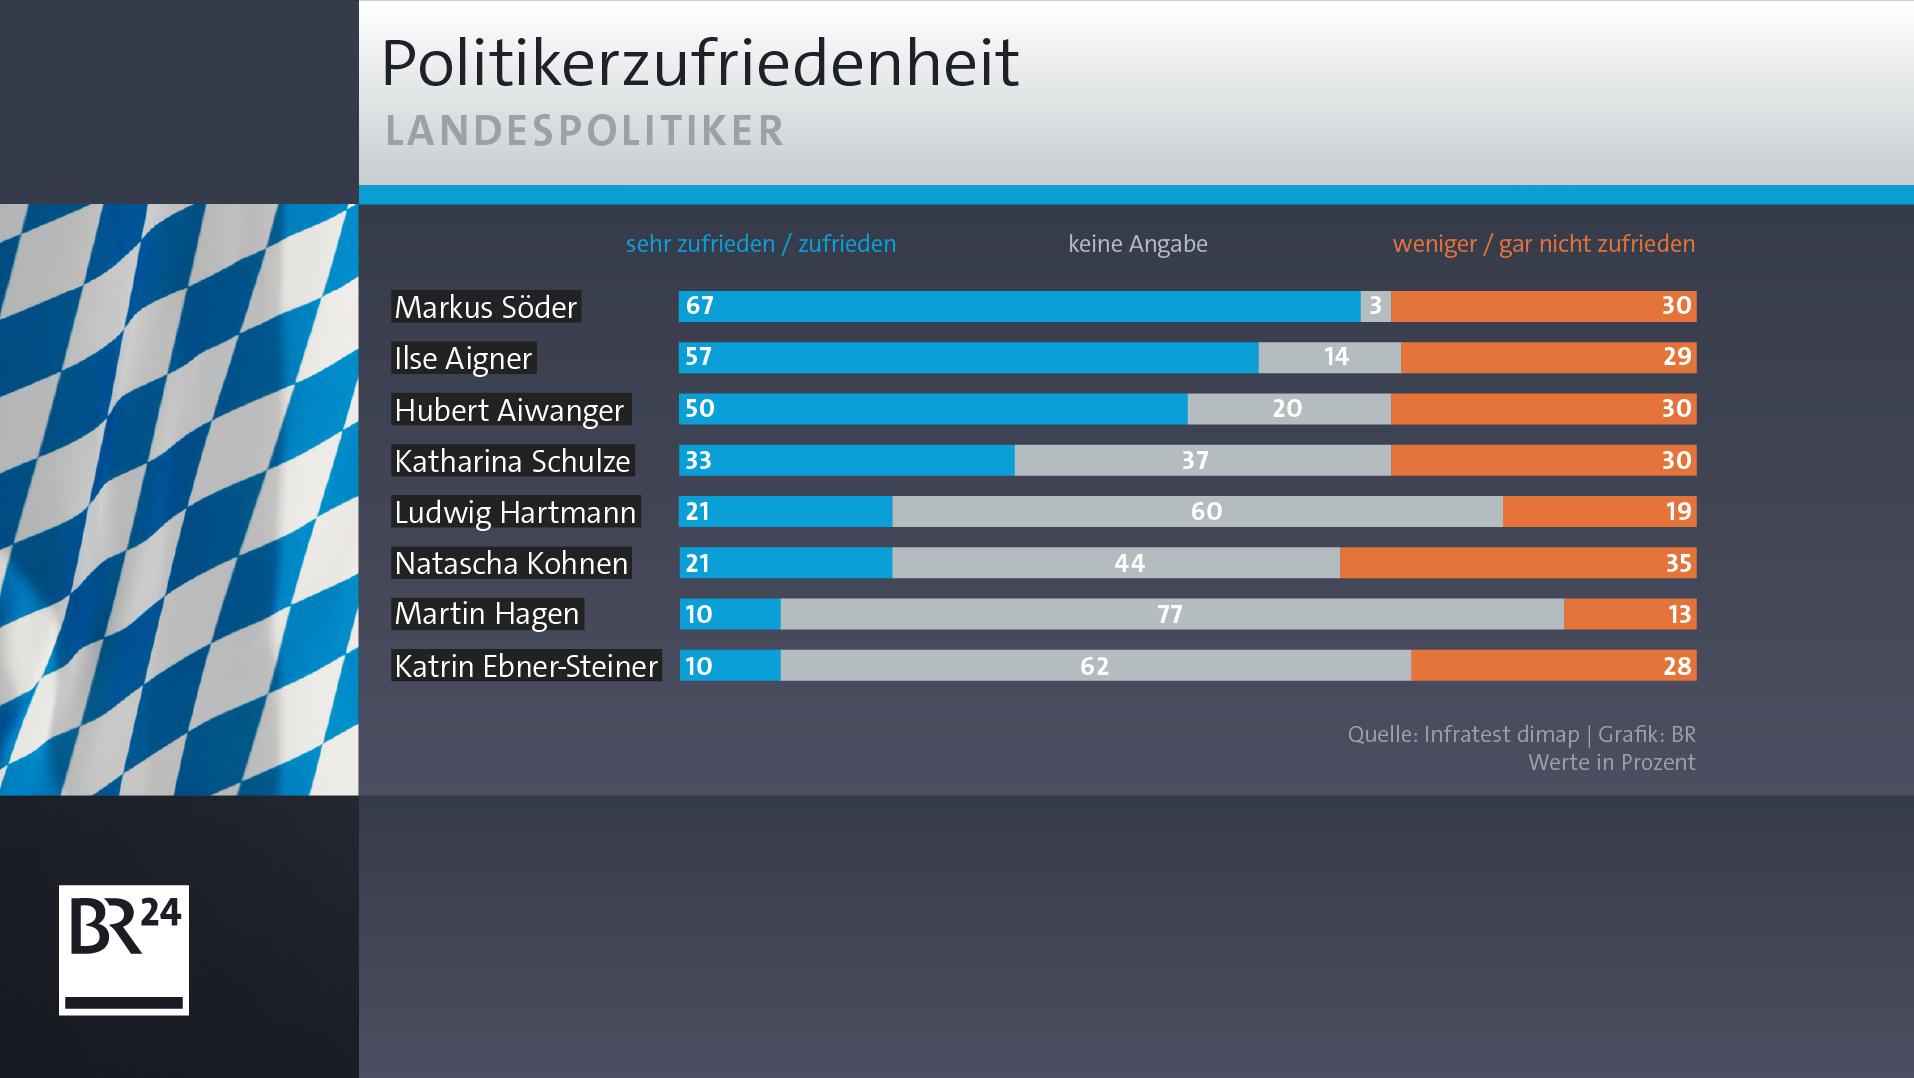 BR-BayernTrend: Politikerzufriedenheit